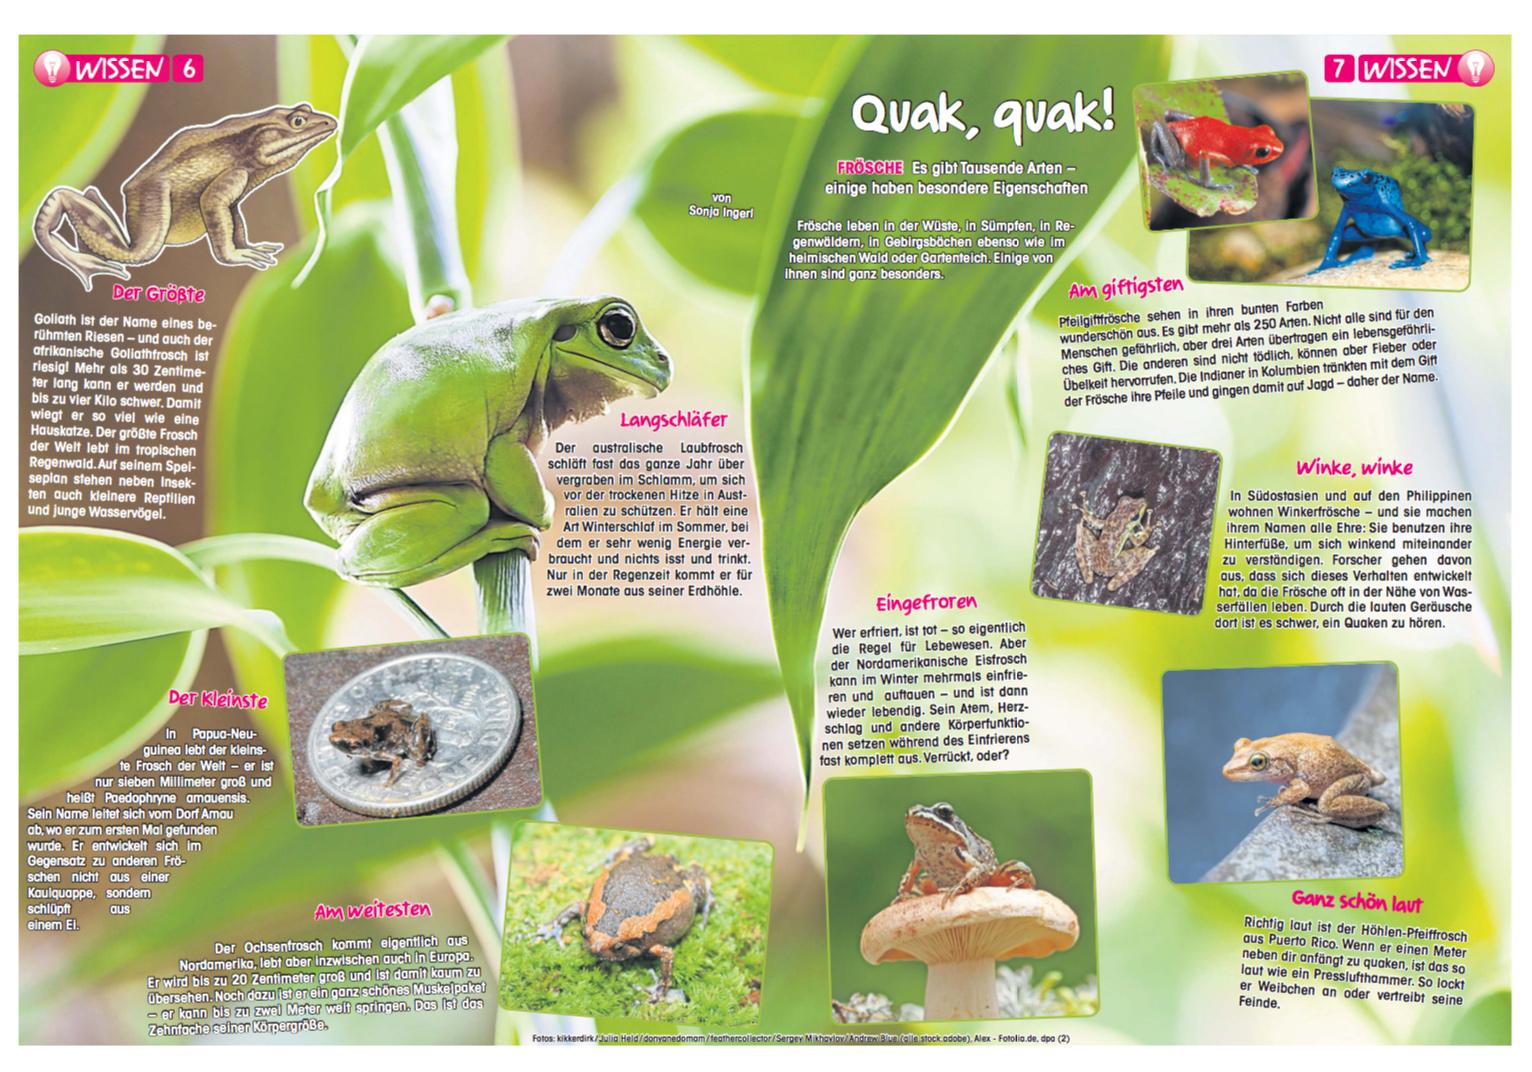 Top Duda, Deine Zeitung: quack_quack @HW_04